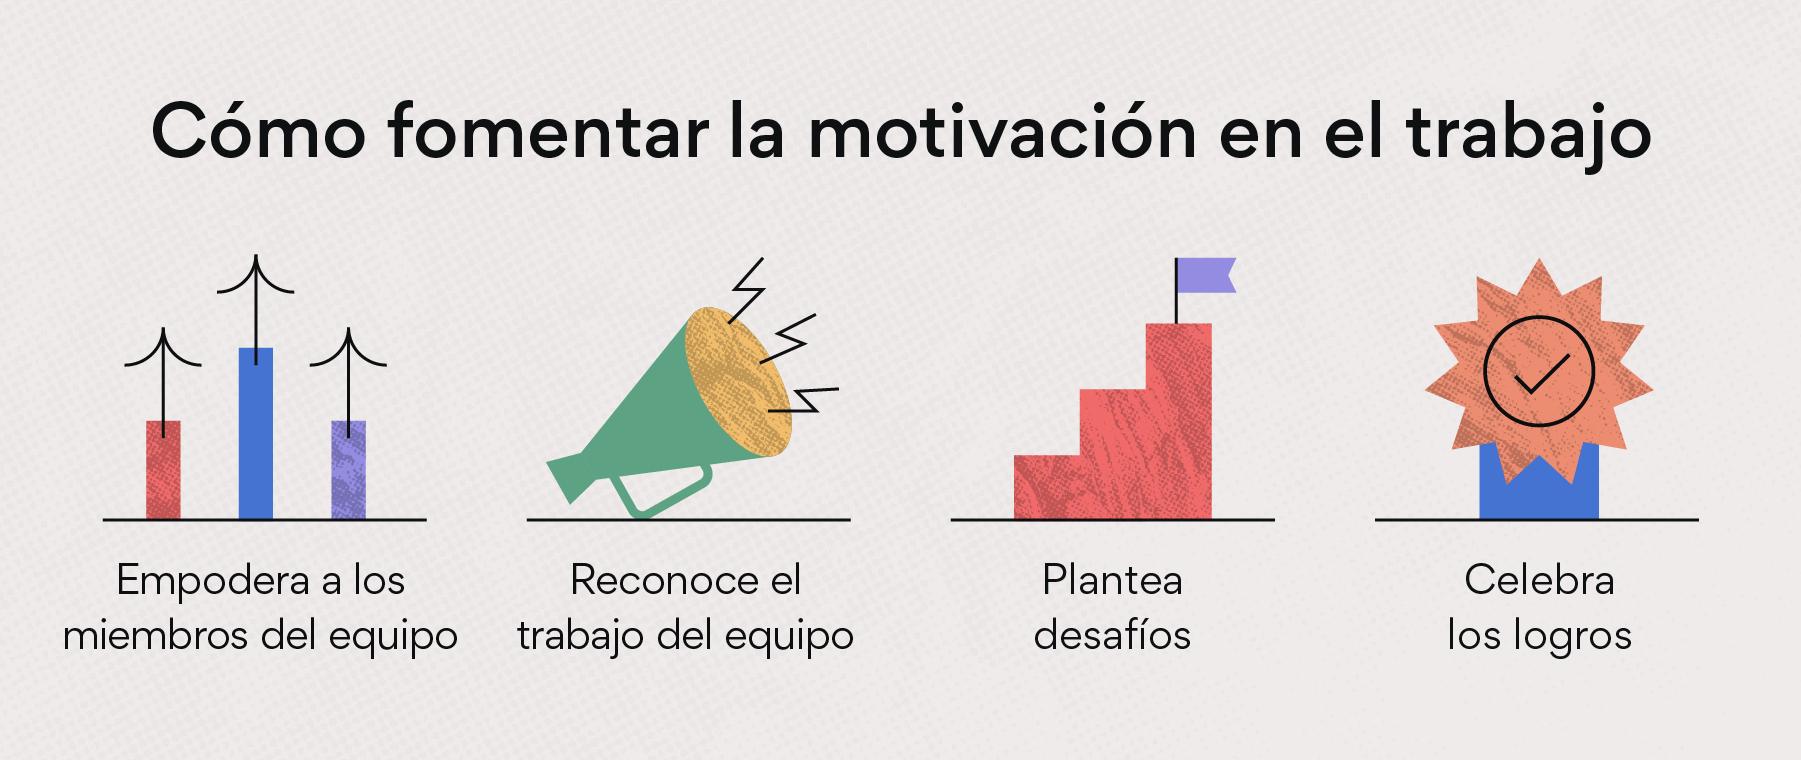 Cómo fomentar la motivación en el lugar de trabajo